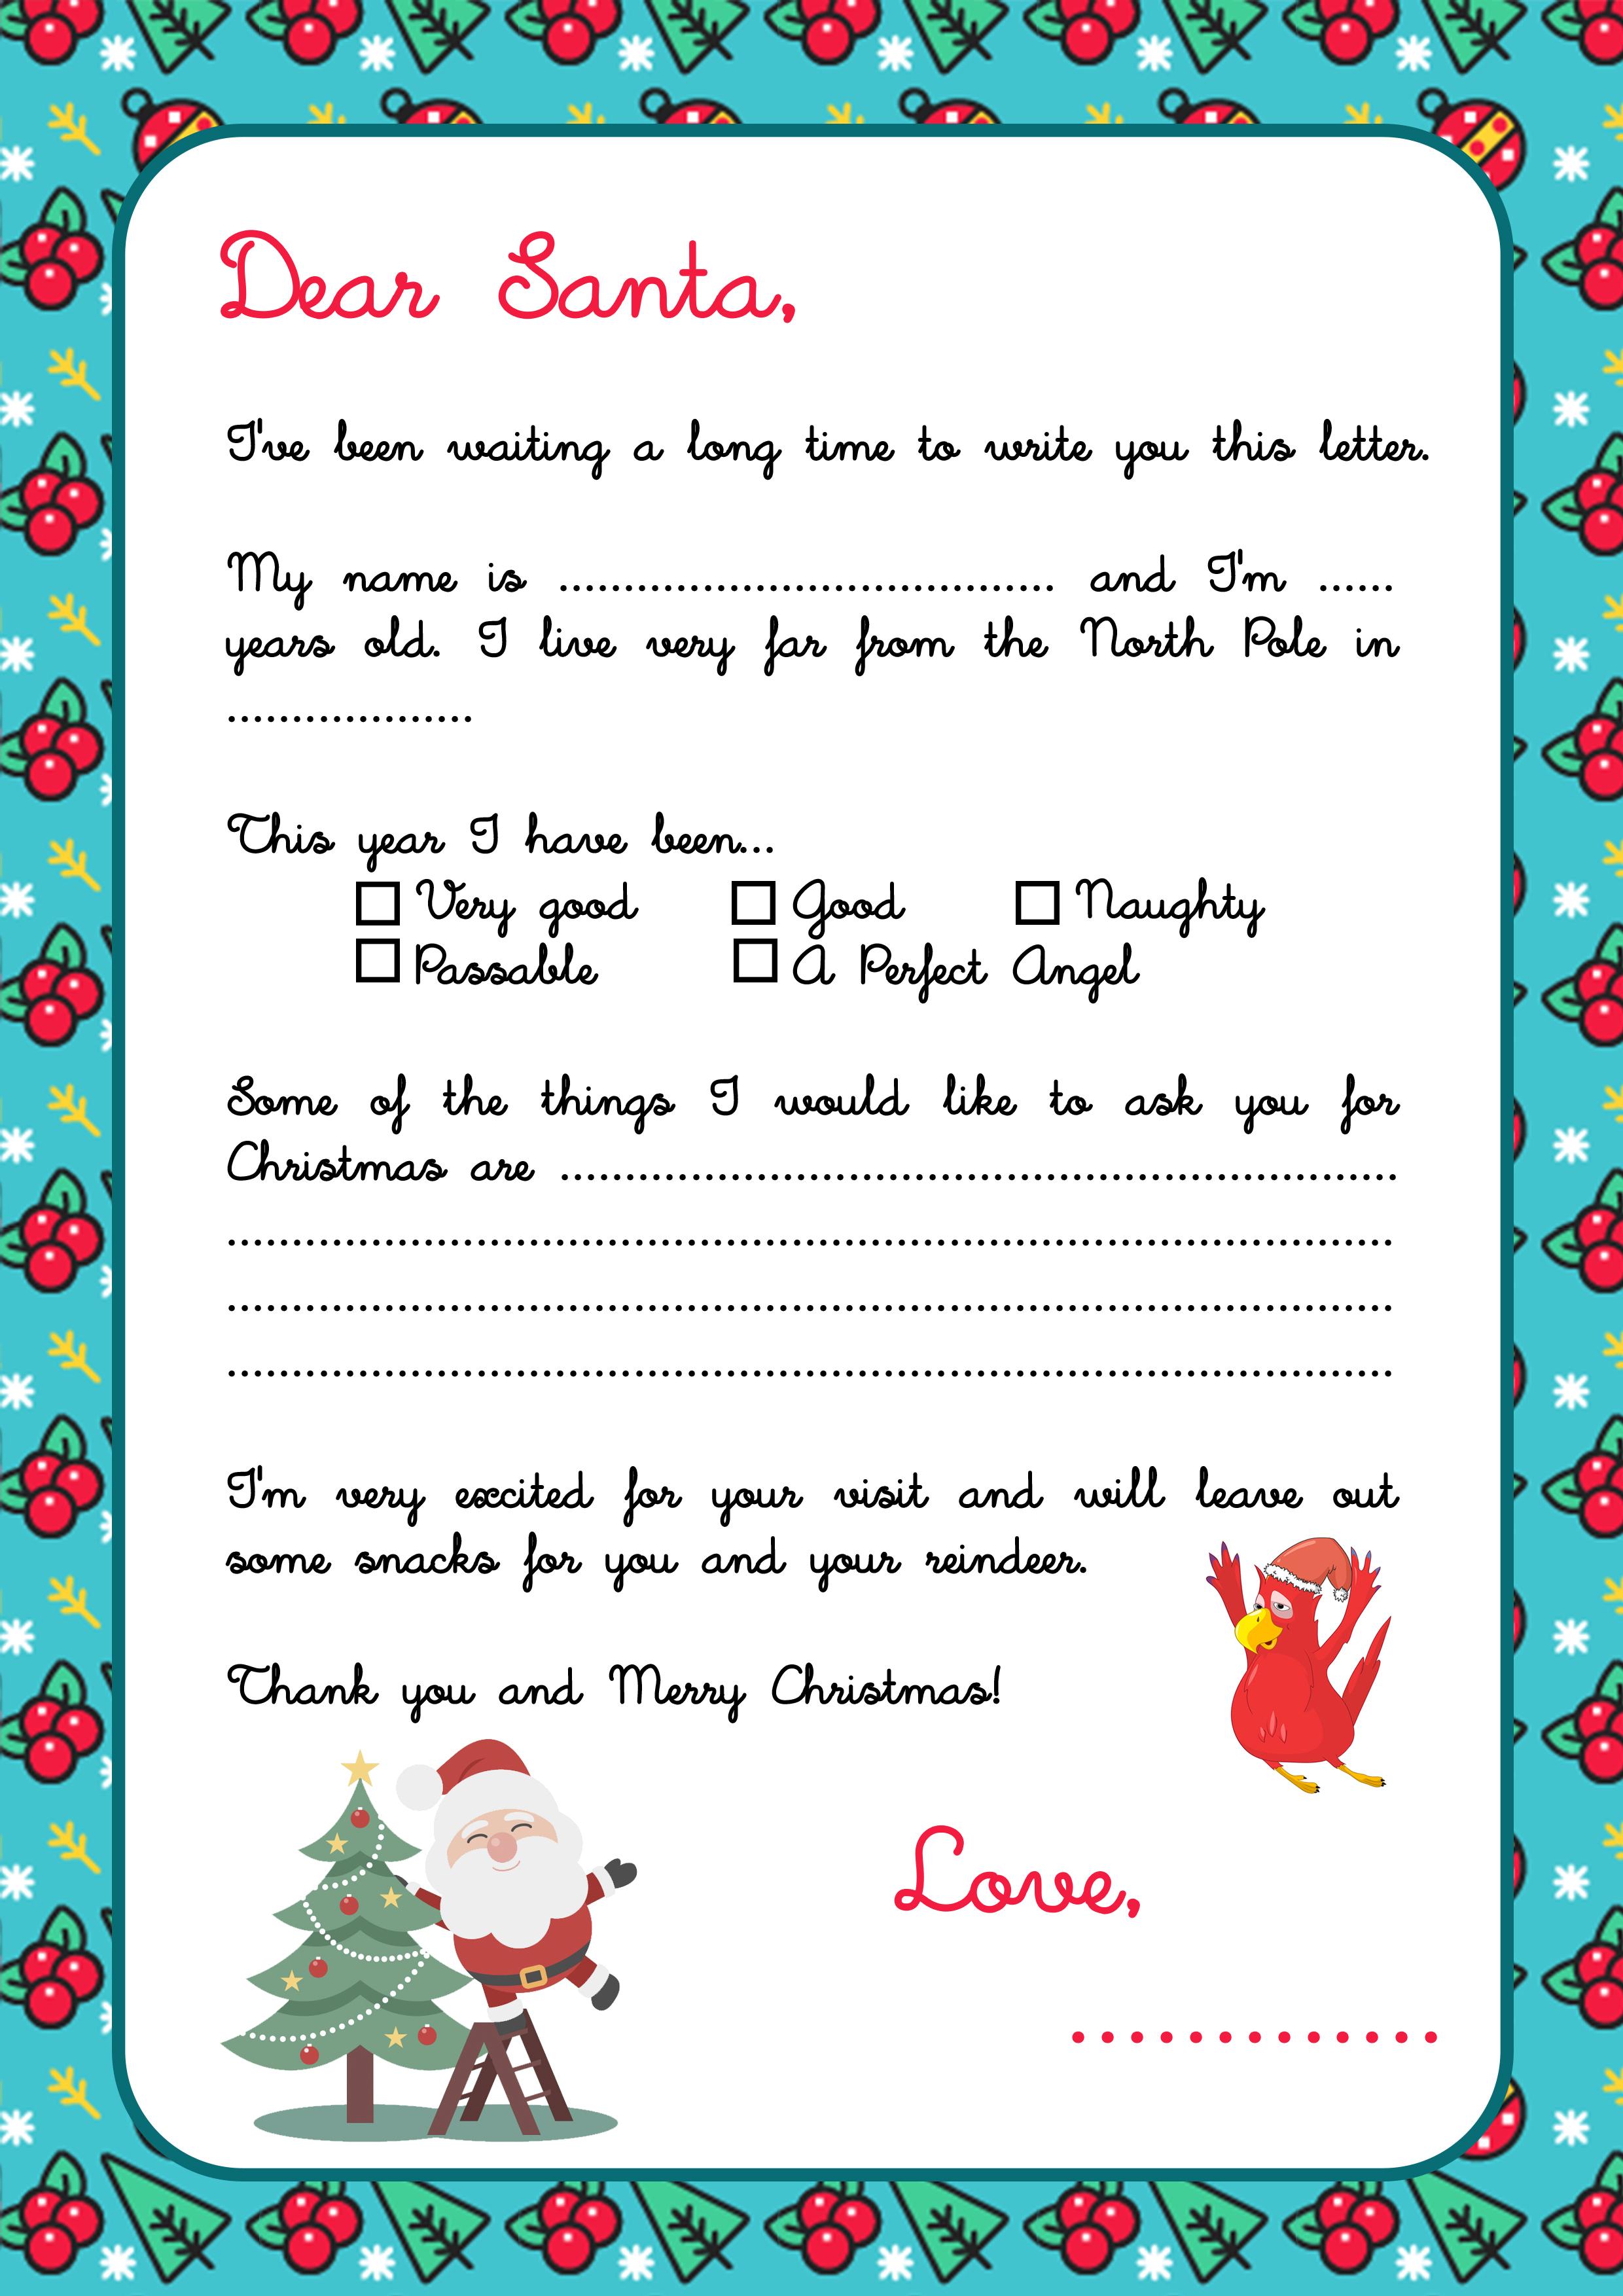 Cómo escribir la carta a Santa Claus en inglés - El Valle Inglés